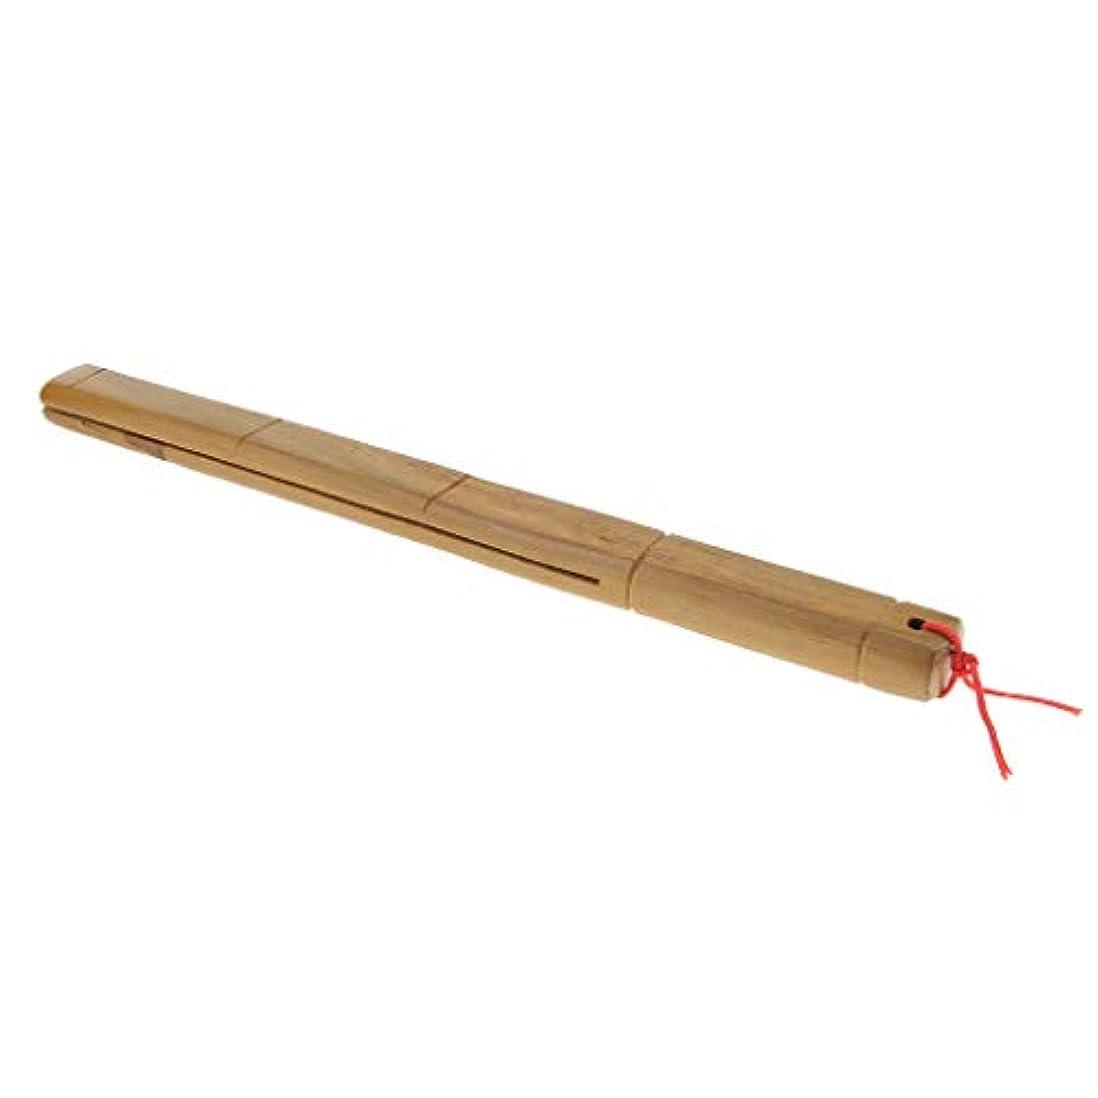 D DOLITY 木製マッサージャー ロングハンドル フルボディー マッサージ